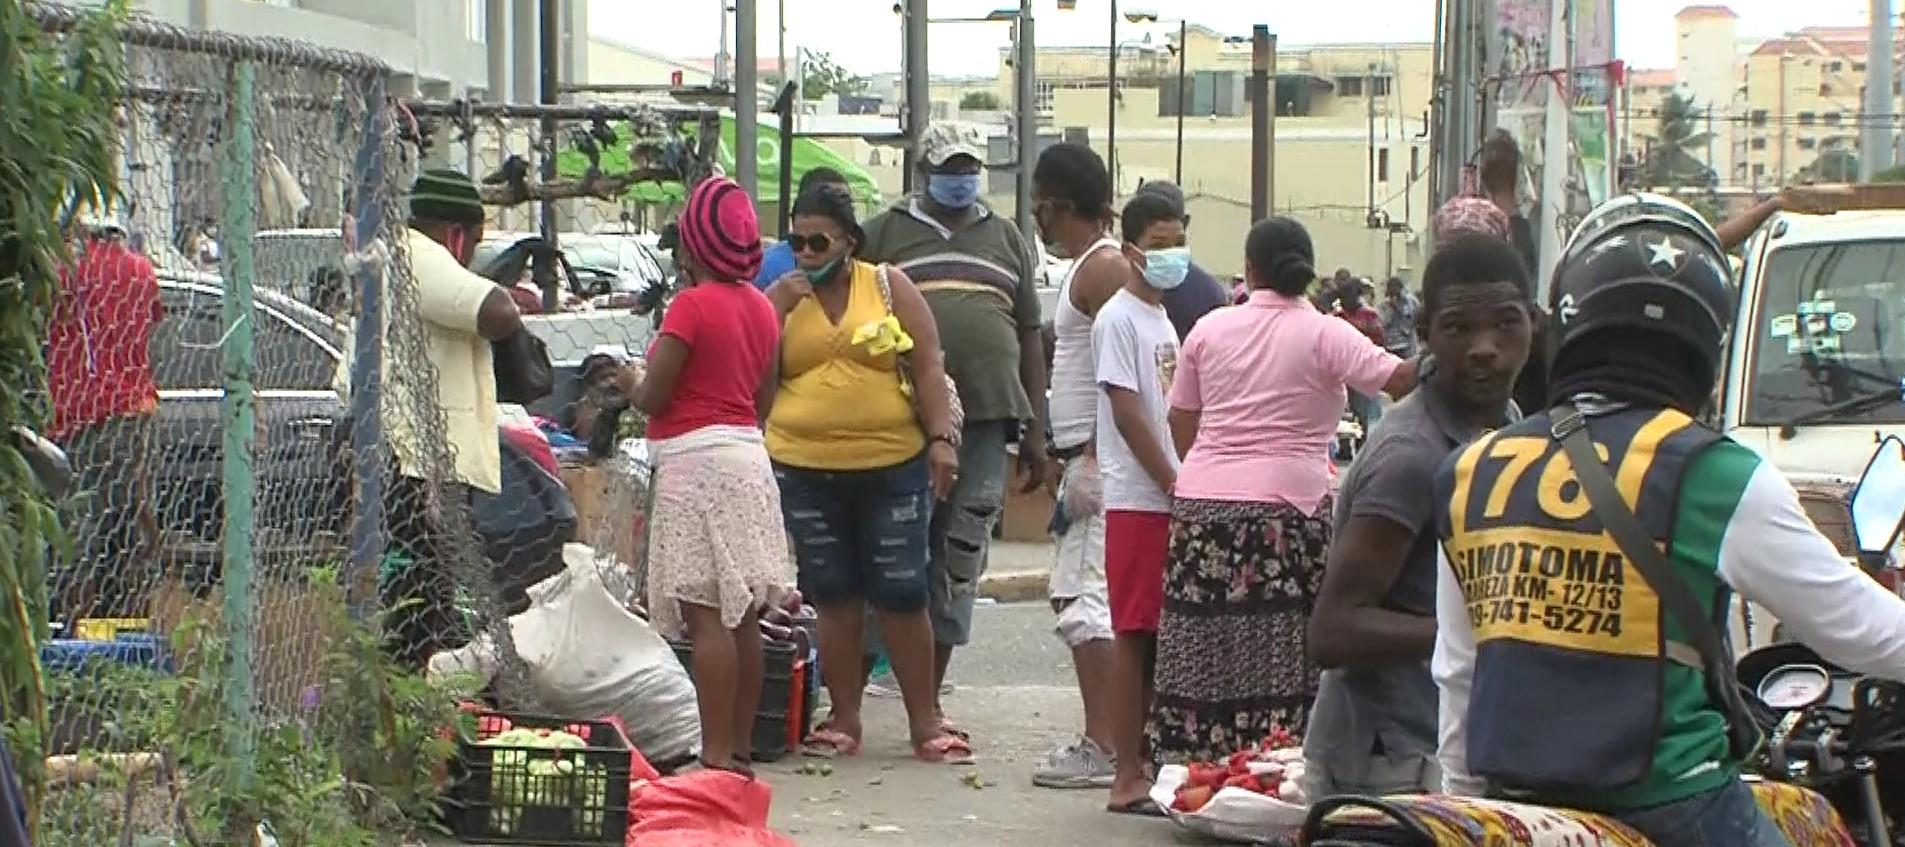 Vendedores en La Pulga califican como un atropello anuncio de desalojo de alcaldía SDO